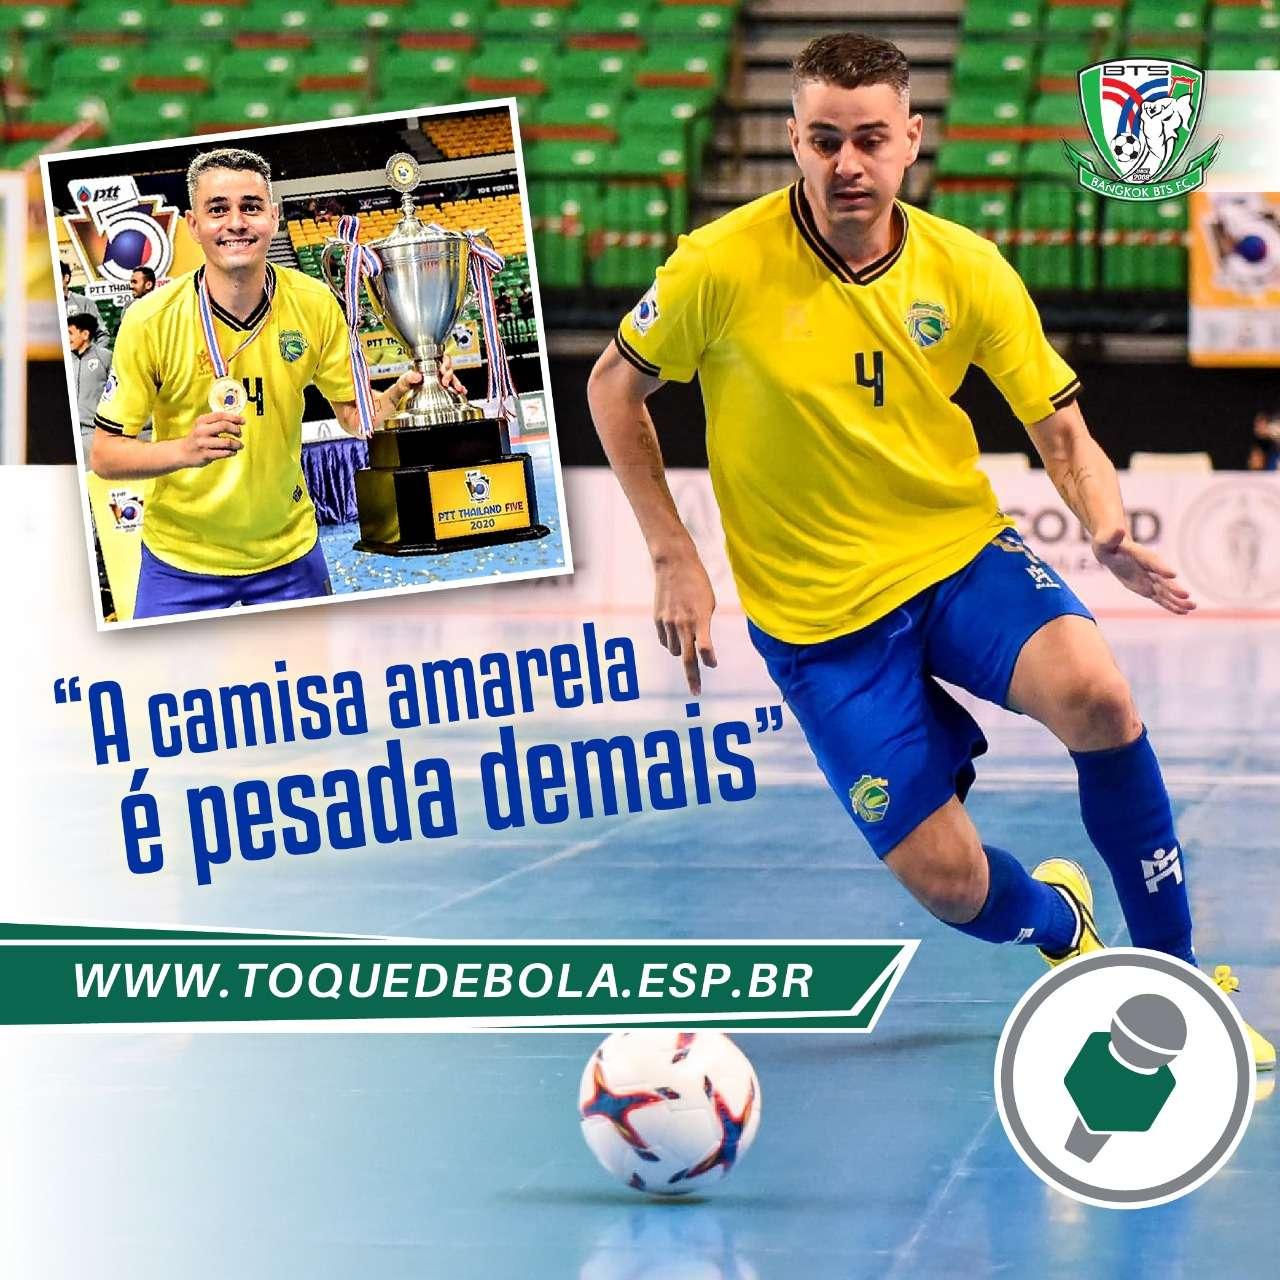 """Pavão levanta a taça pelo All Star Brasil: """"A camisa amarela é pesada demais no futsal"""""""